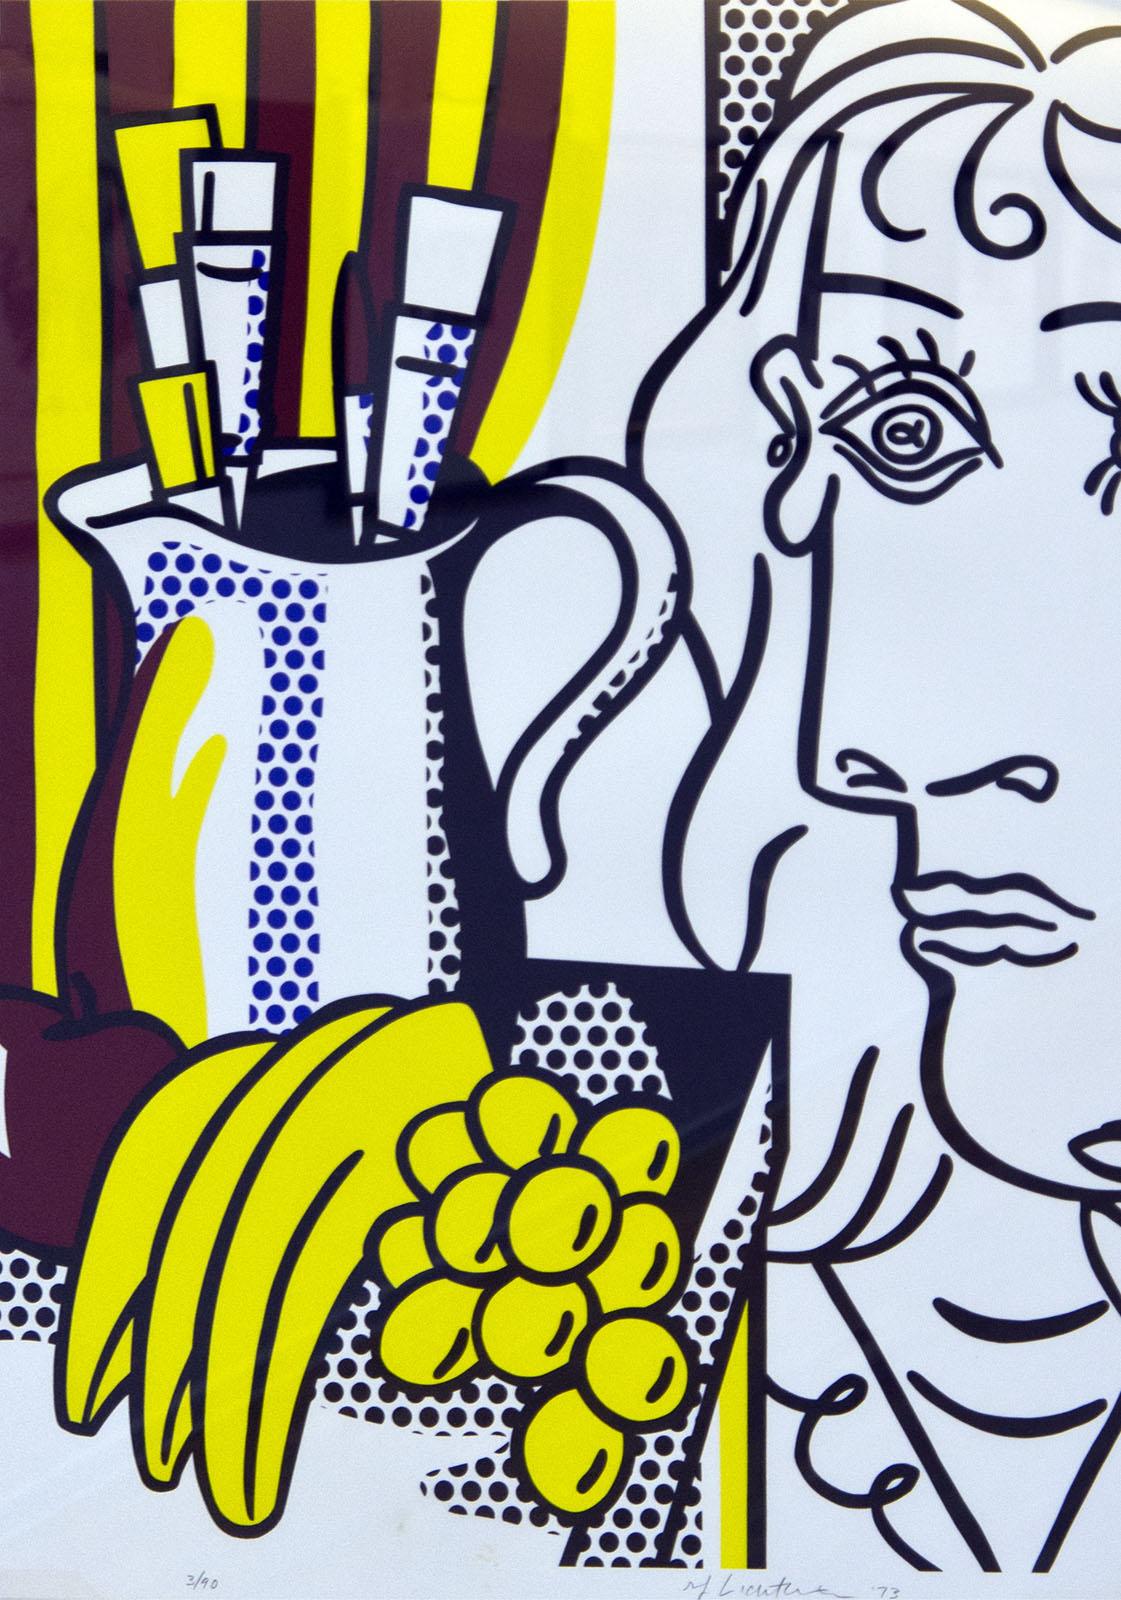 Фото №76642. Натюрморт с Пикассо. 1973. Рой Лихтенштейн (1923-1997)